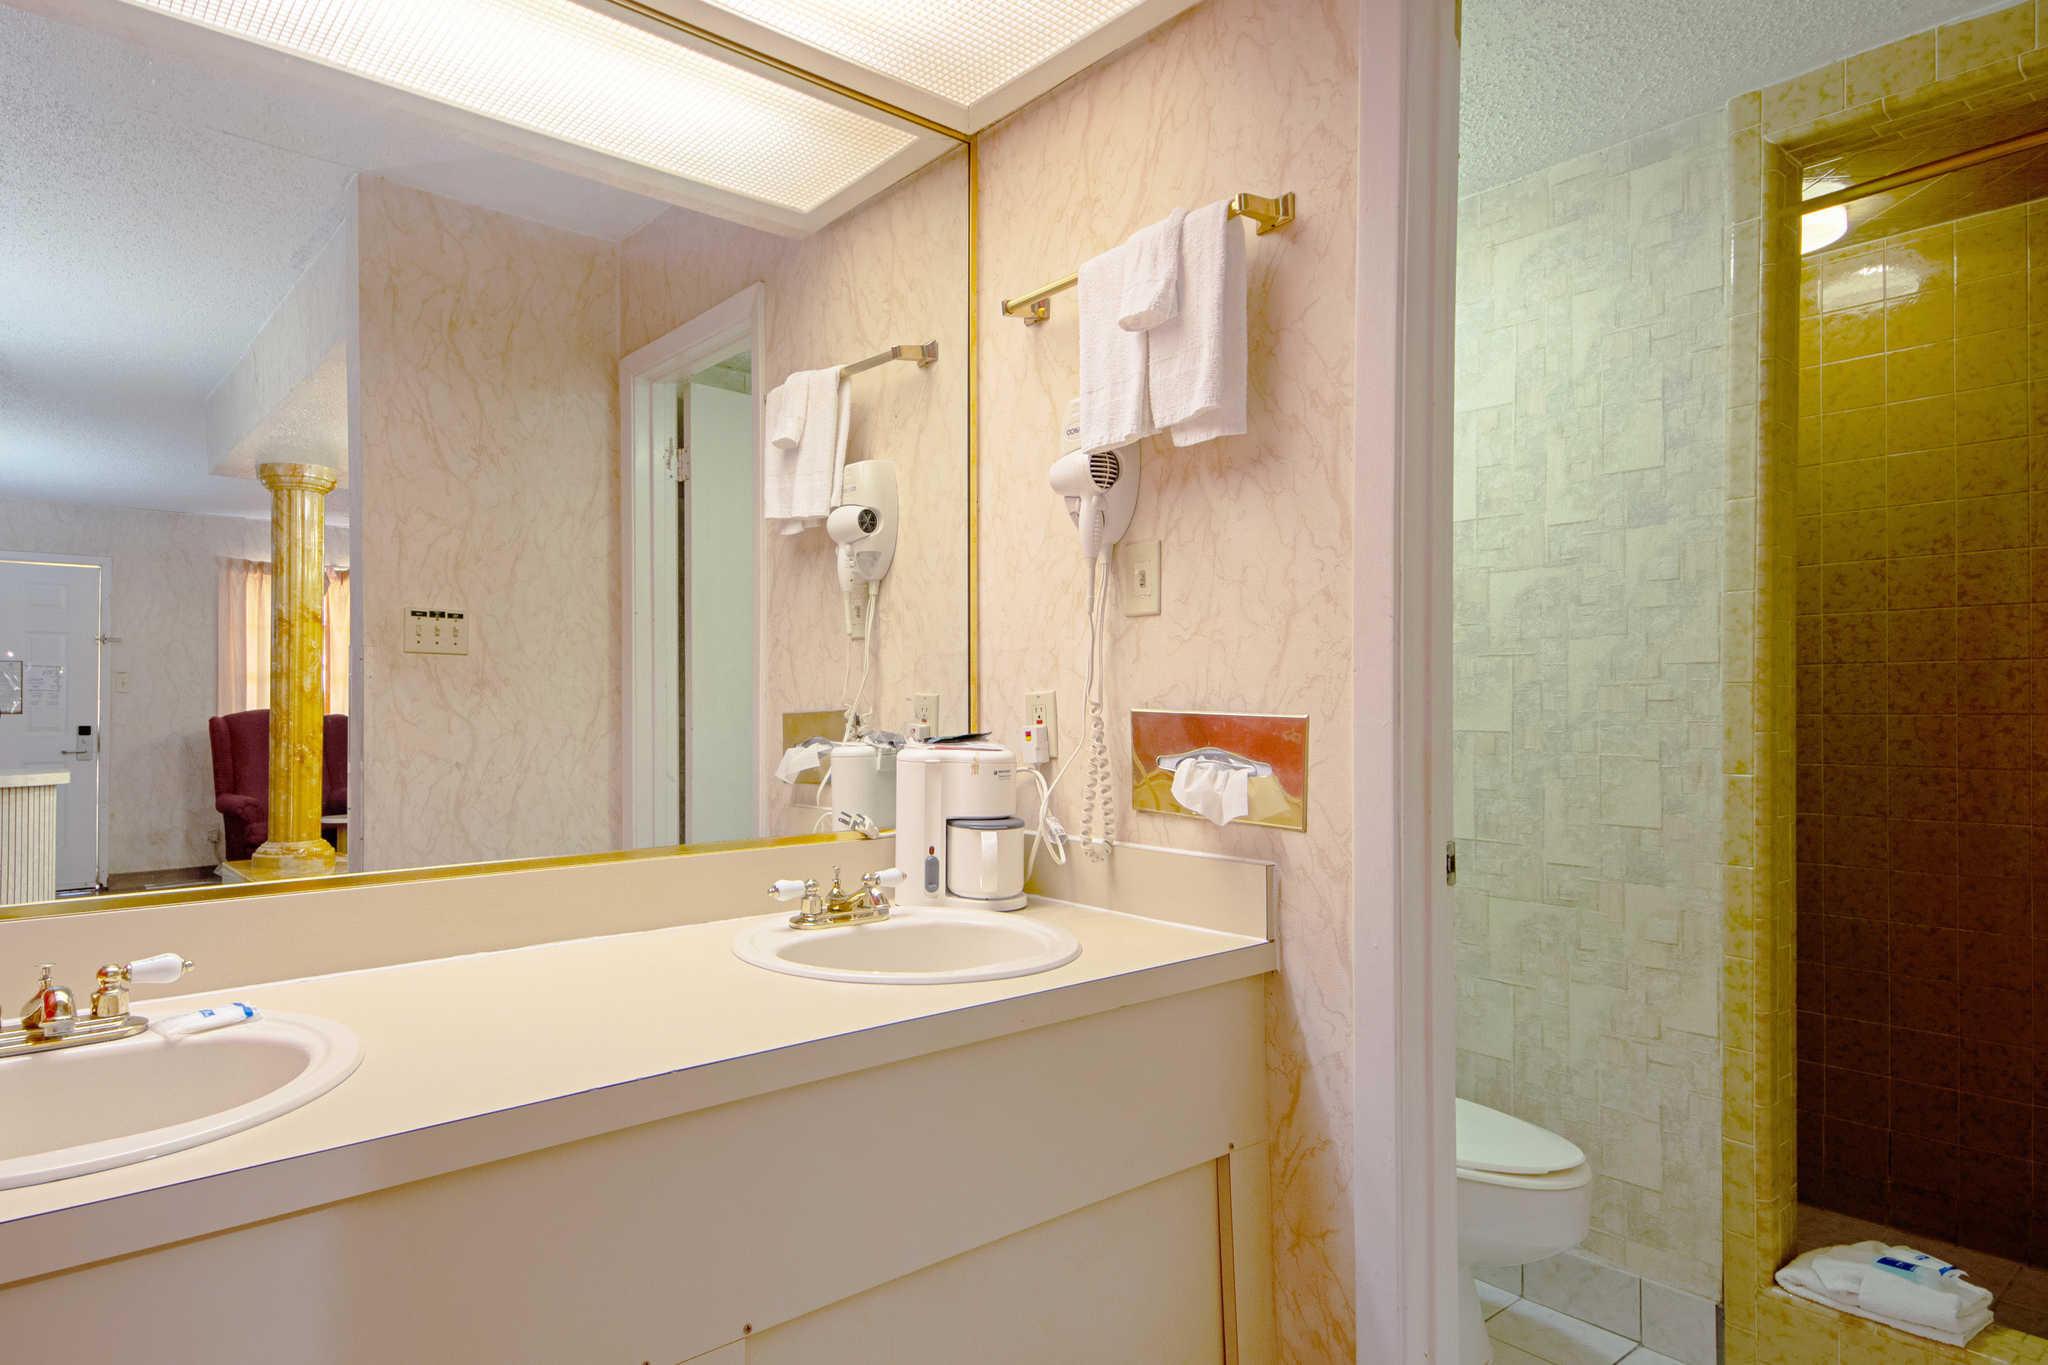 Rodeway Inn & Suites image 44